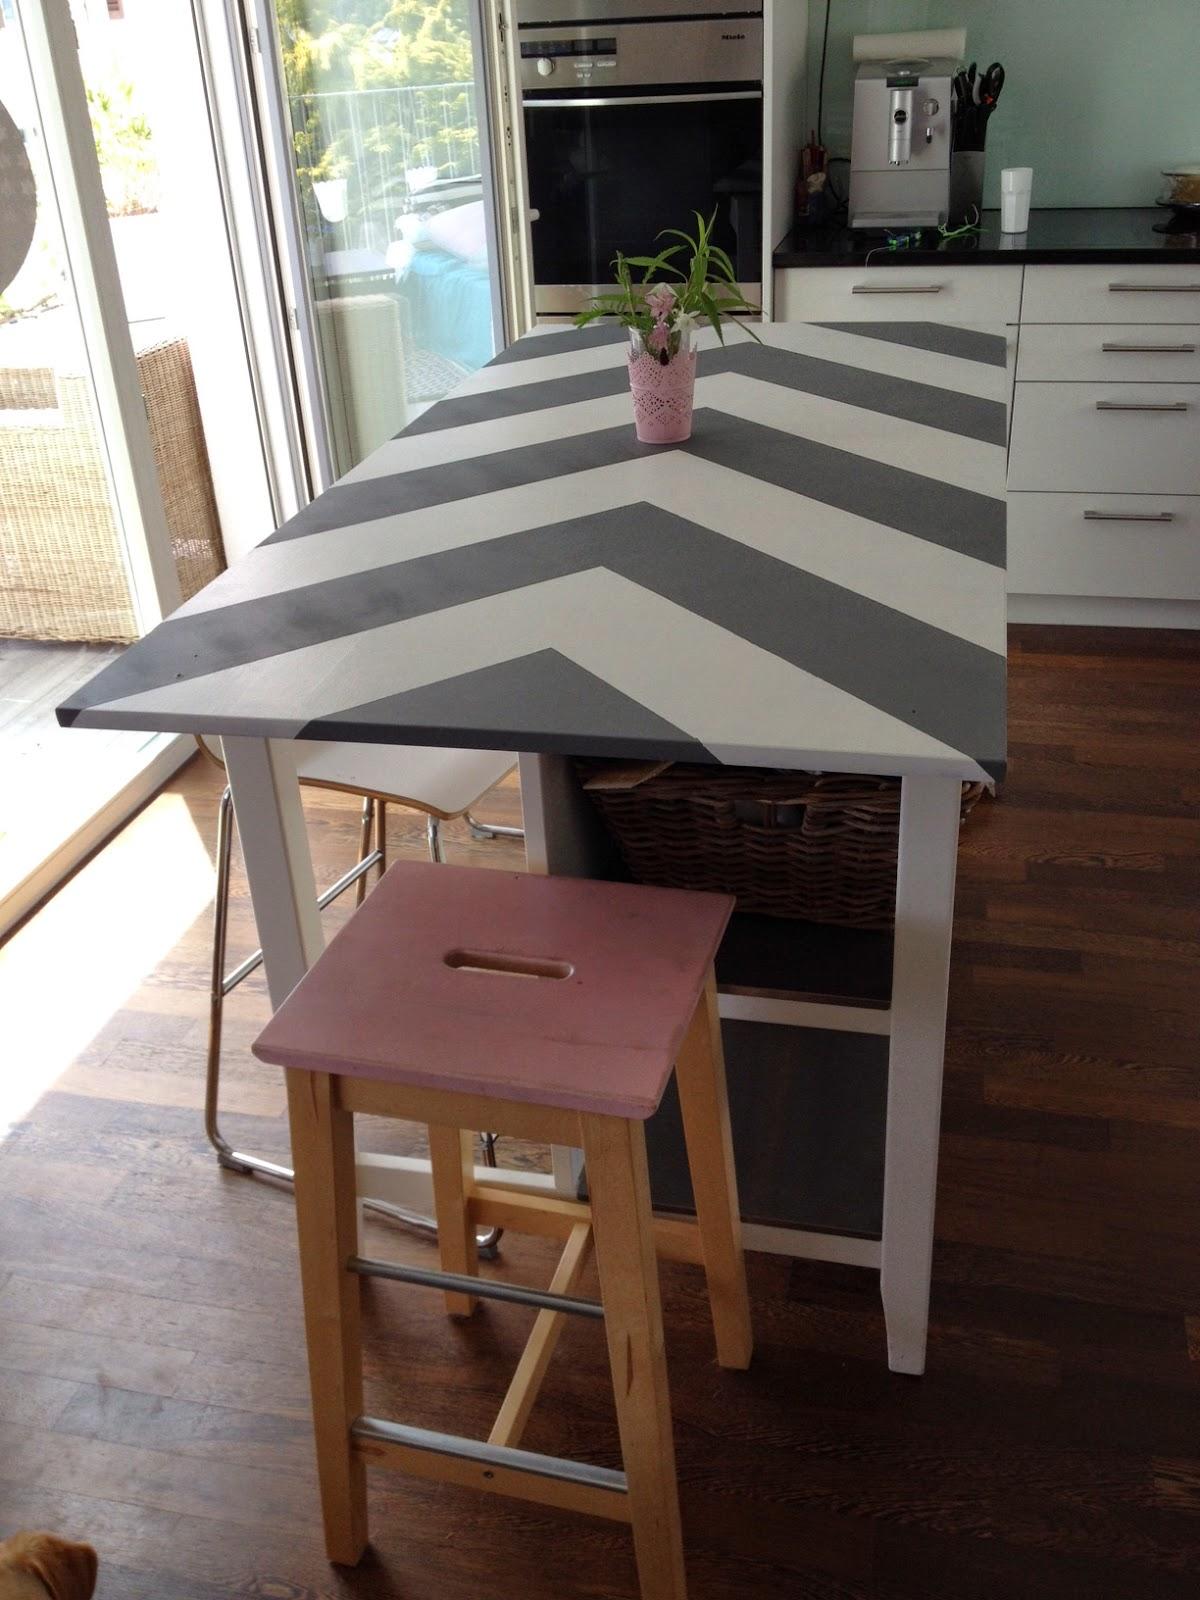 Ungewöhnlich Ikea Küche Insel Hacker Ideen   Ideen Für Die Küche .